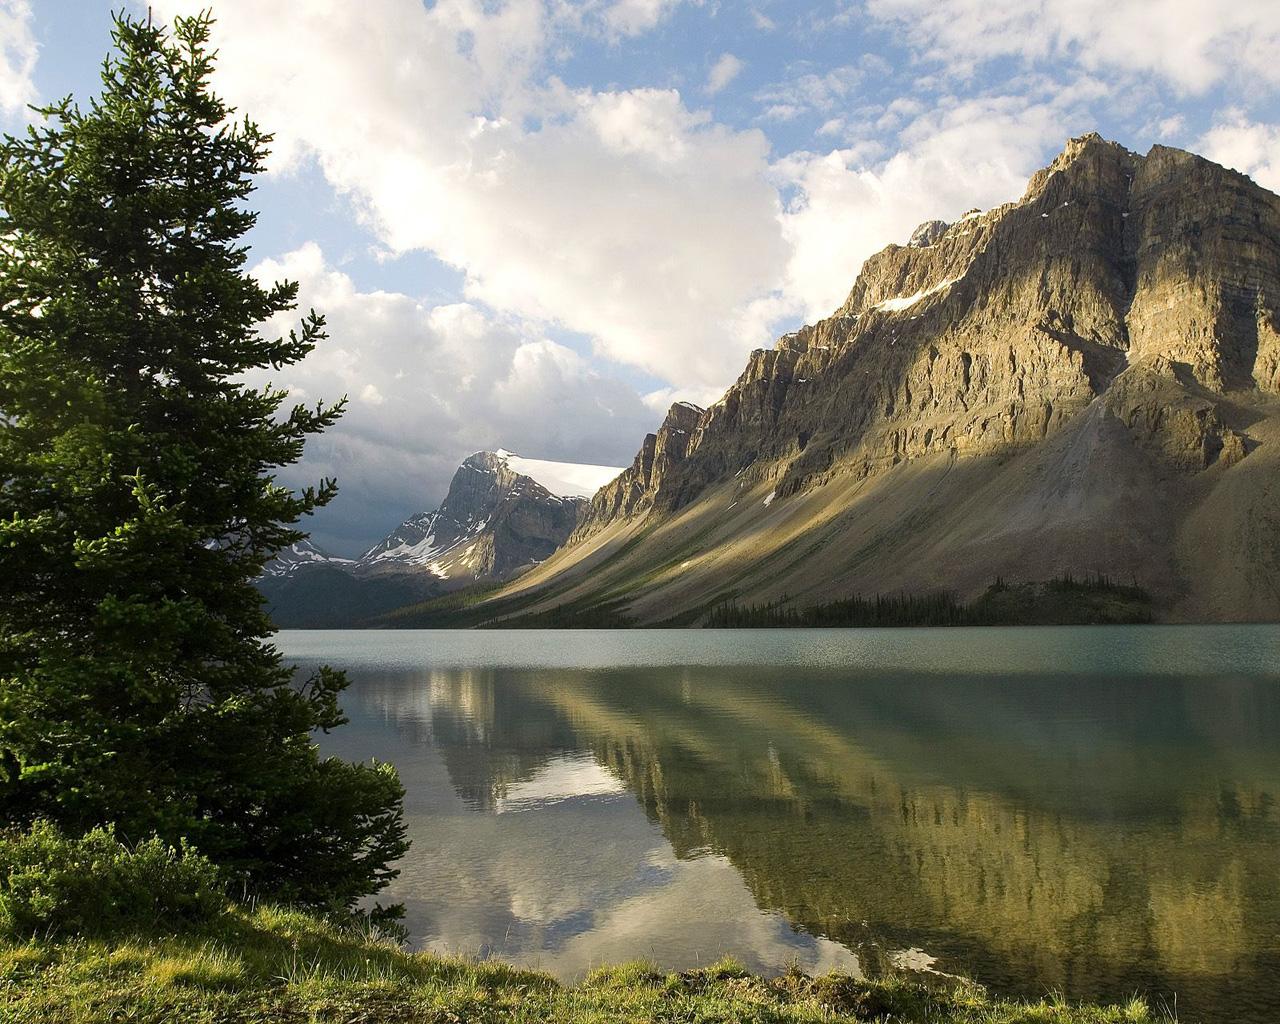 Fishing Lake Desktop Wallpapers Fly Fishing Lake Desktop Backgrounds 1280x1024